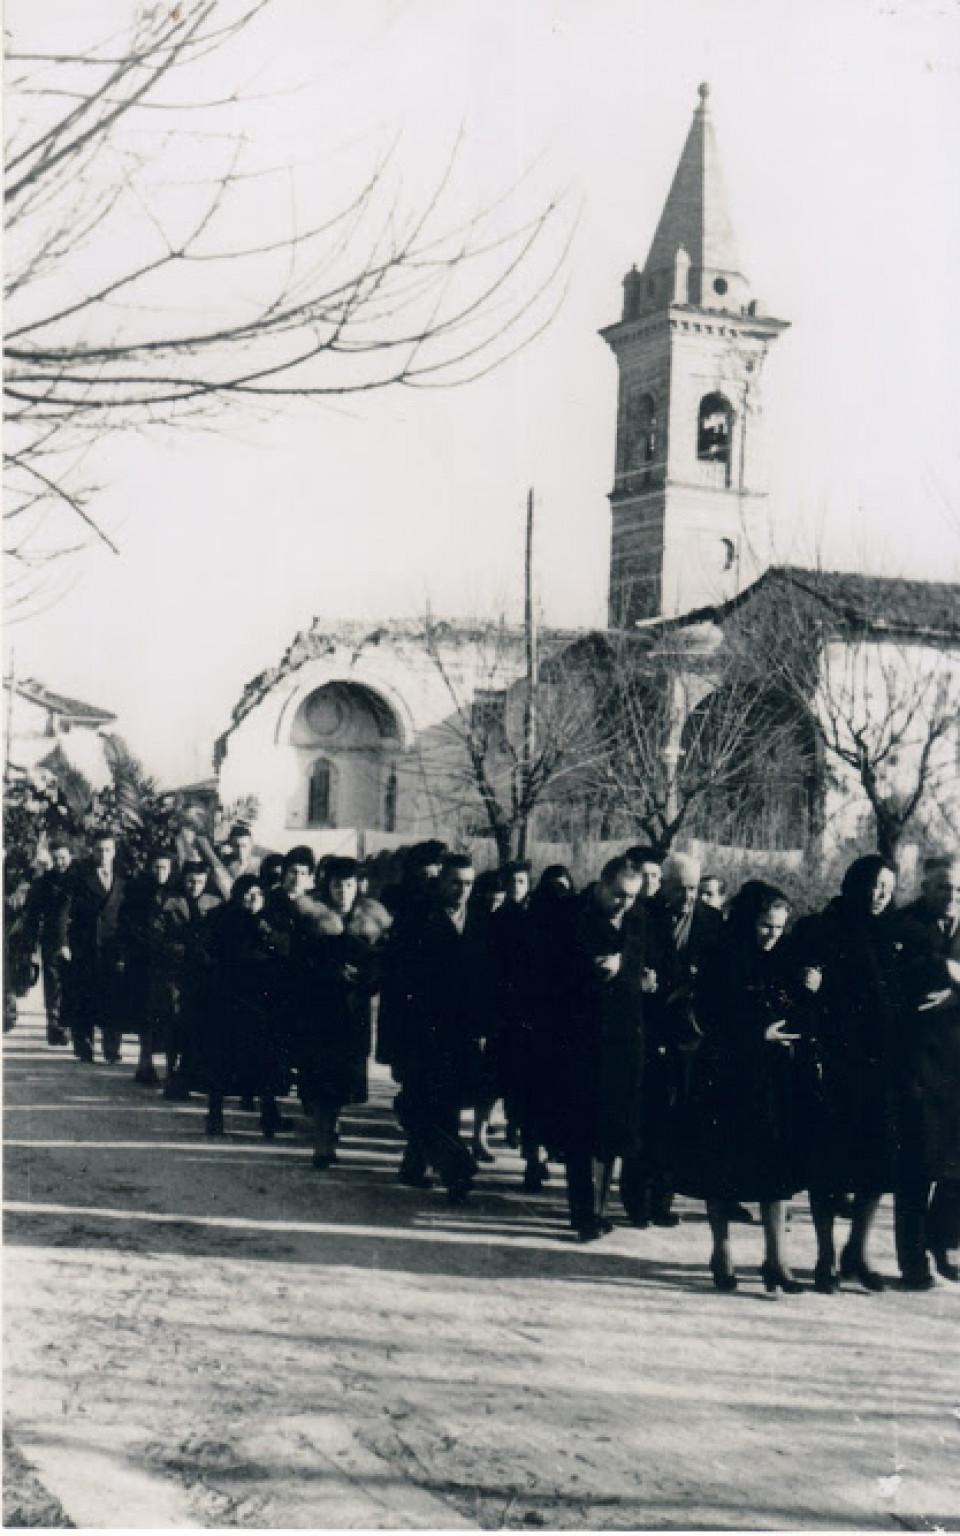 Funerale a Calderara, anni '40-'50